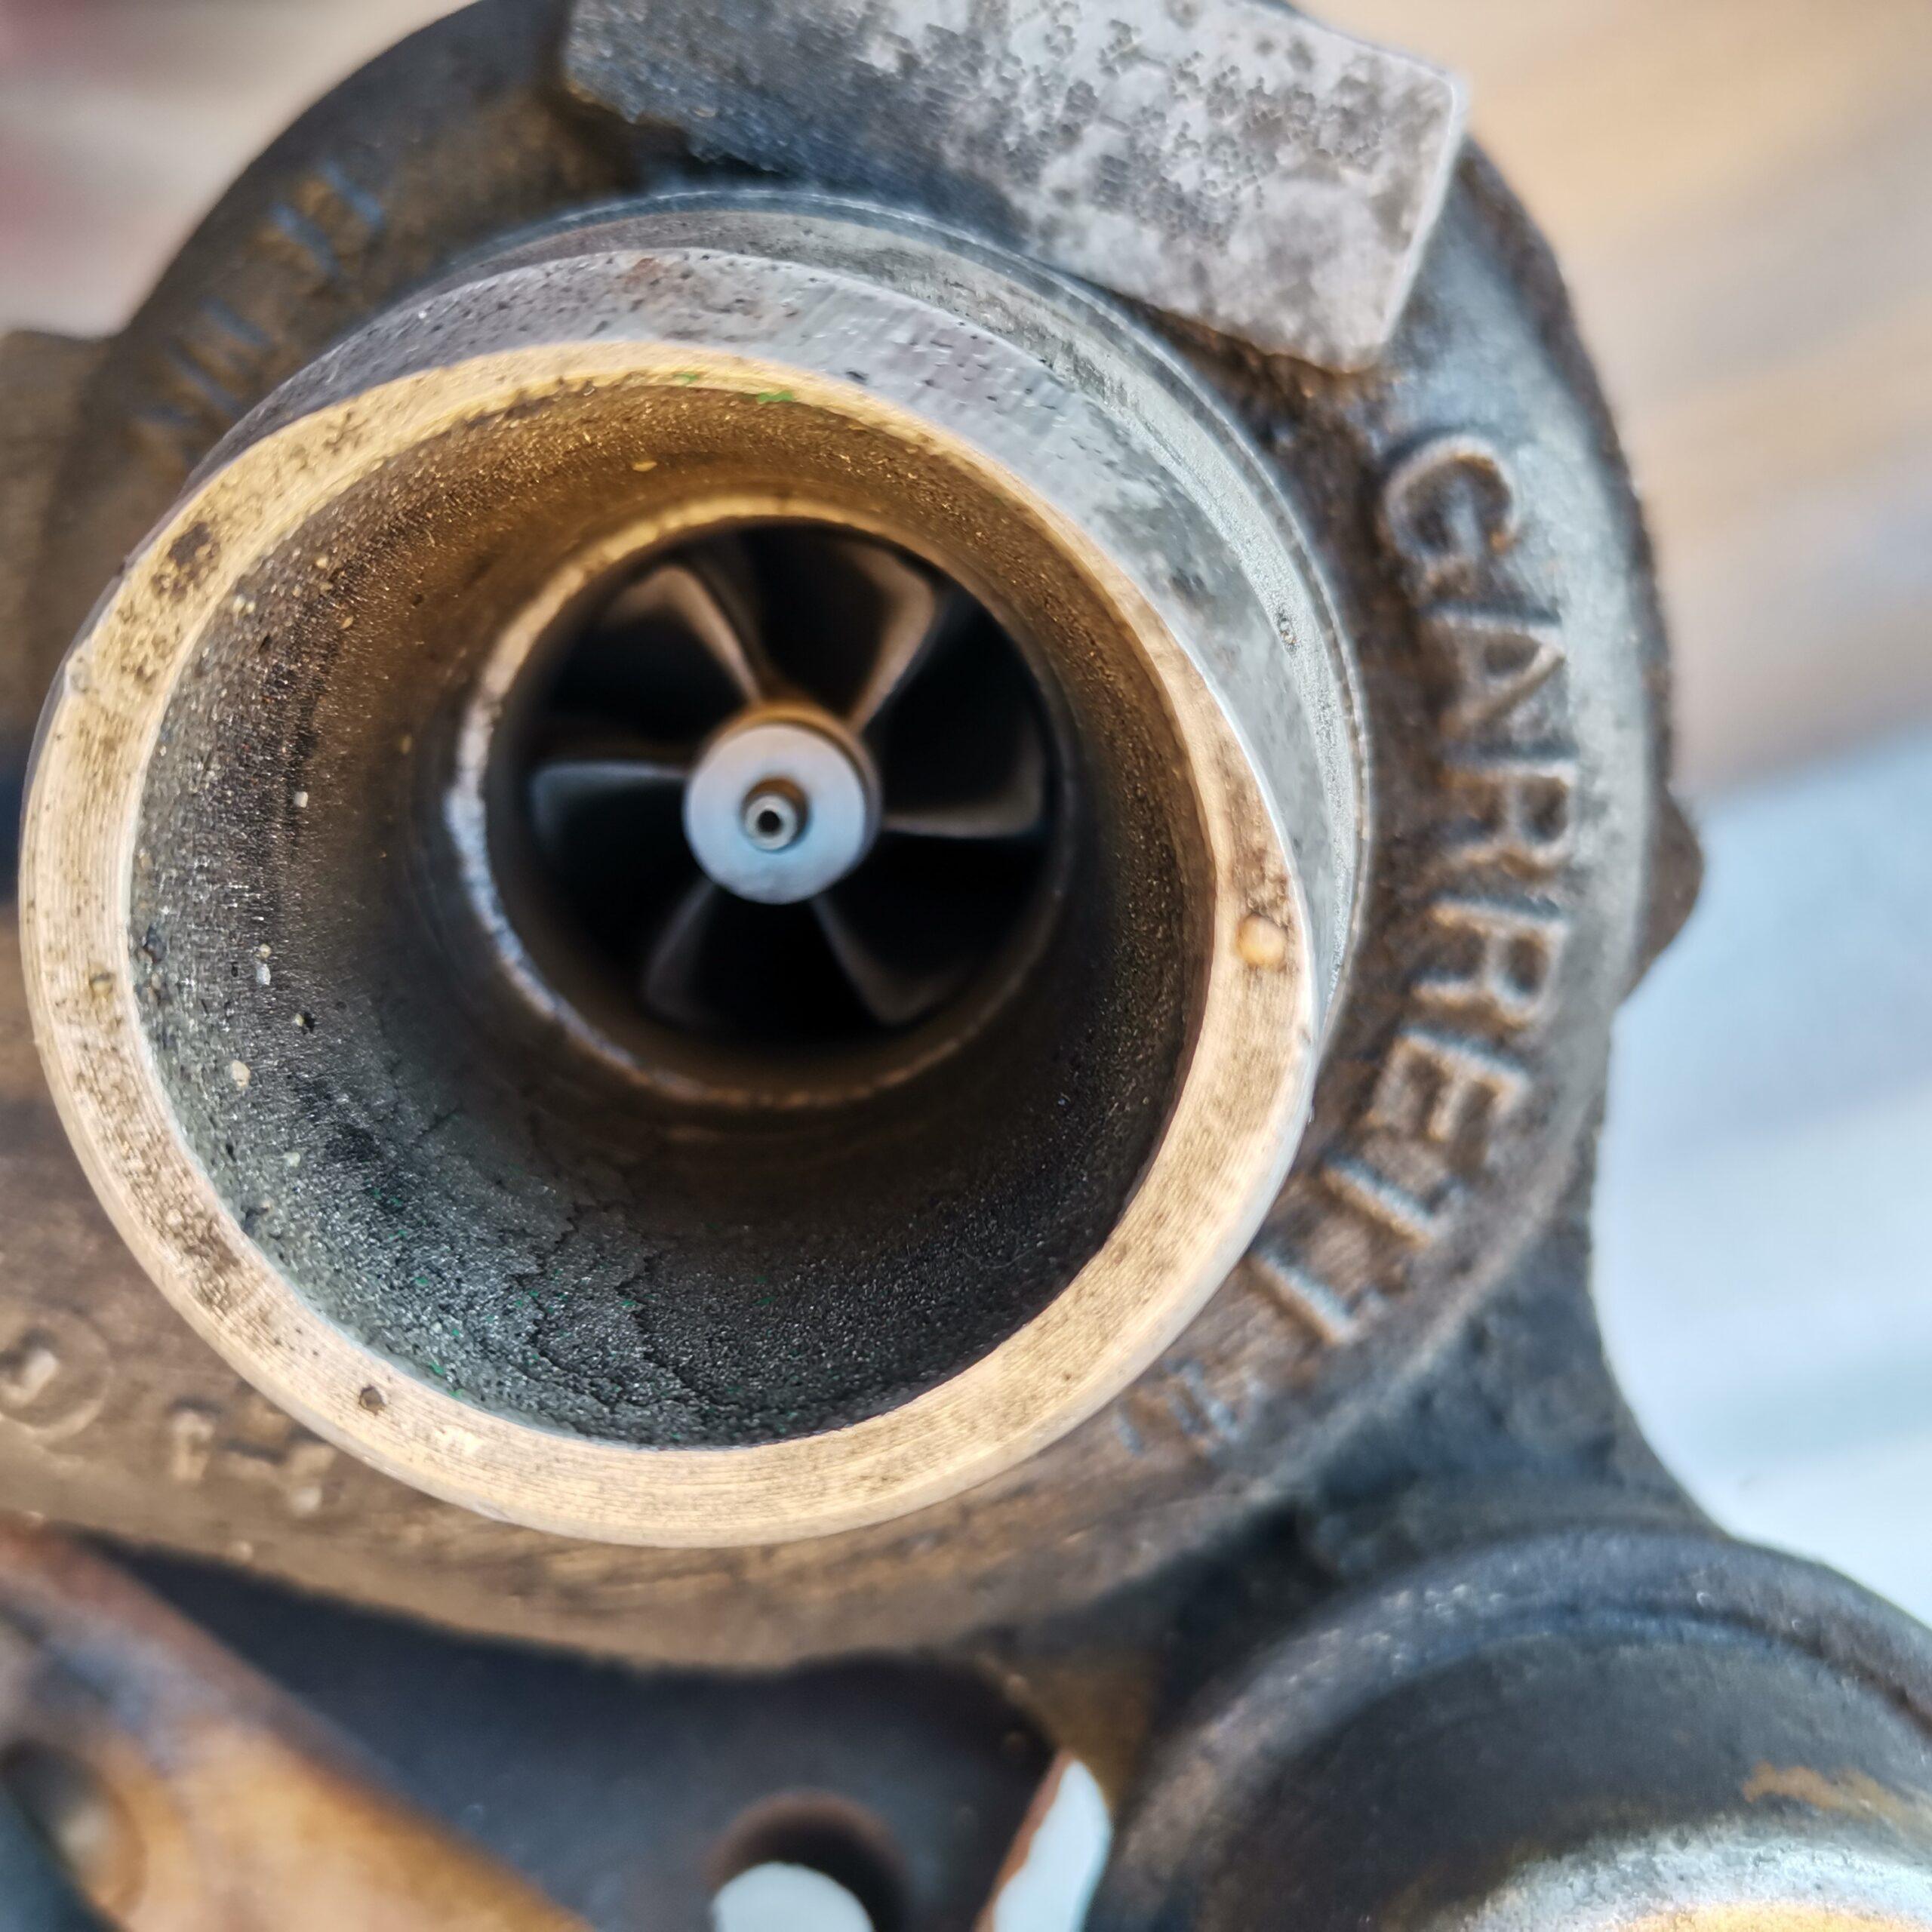 Турбина Ford Transit Connect 1.8 tdci на восстановление